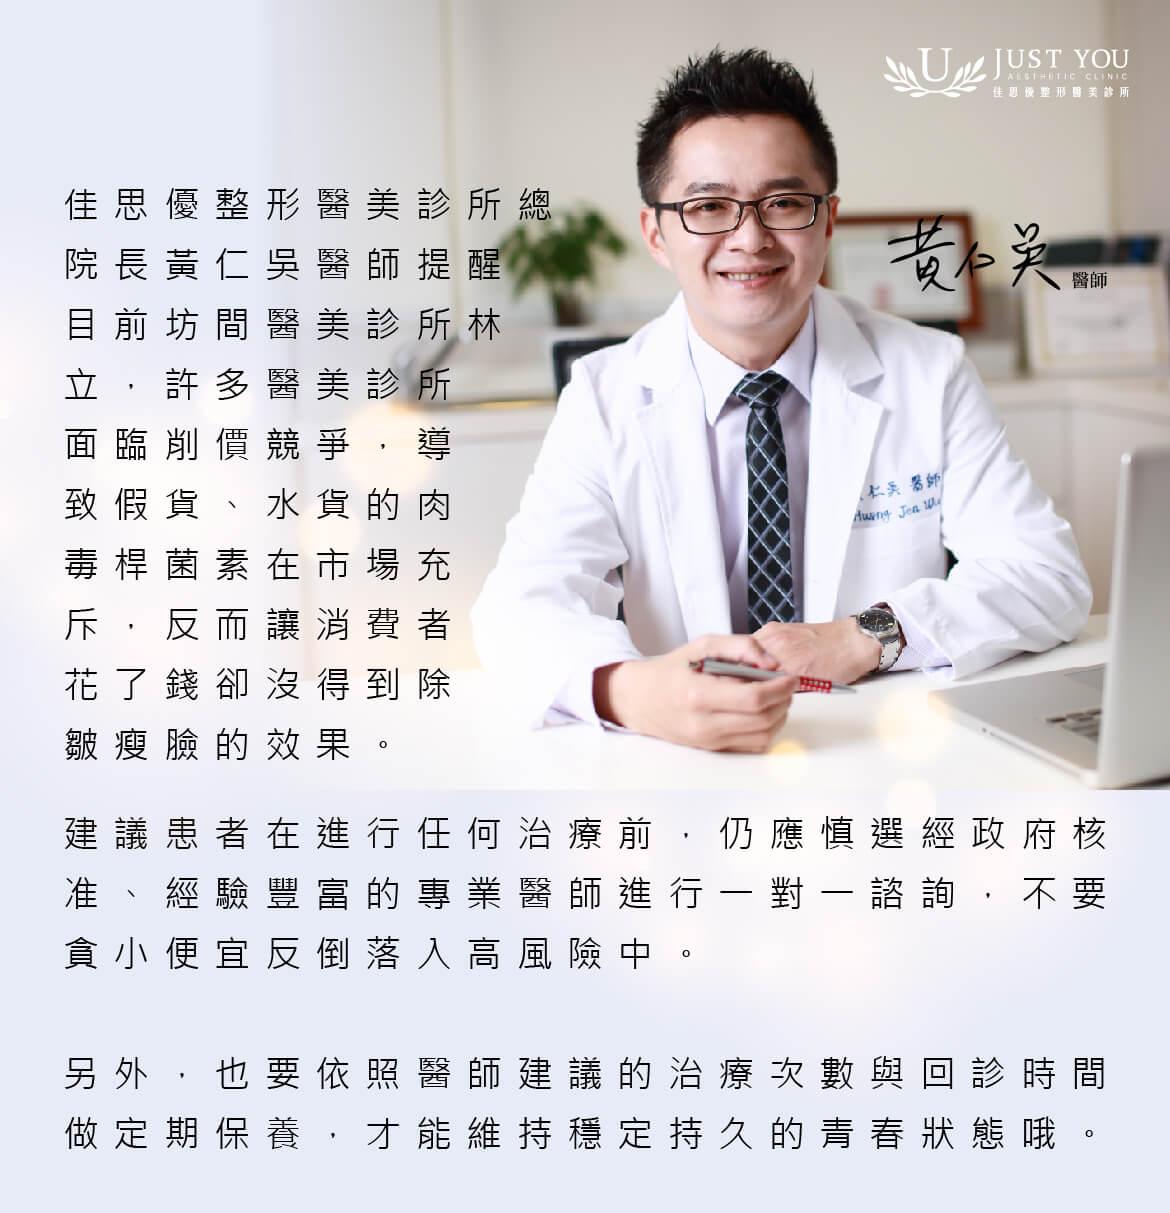 佳思優黃仁吳院長提醒您,施打肉毒桿菌應慎選政府核准、經驗豐富的專業醫師